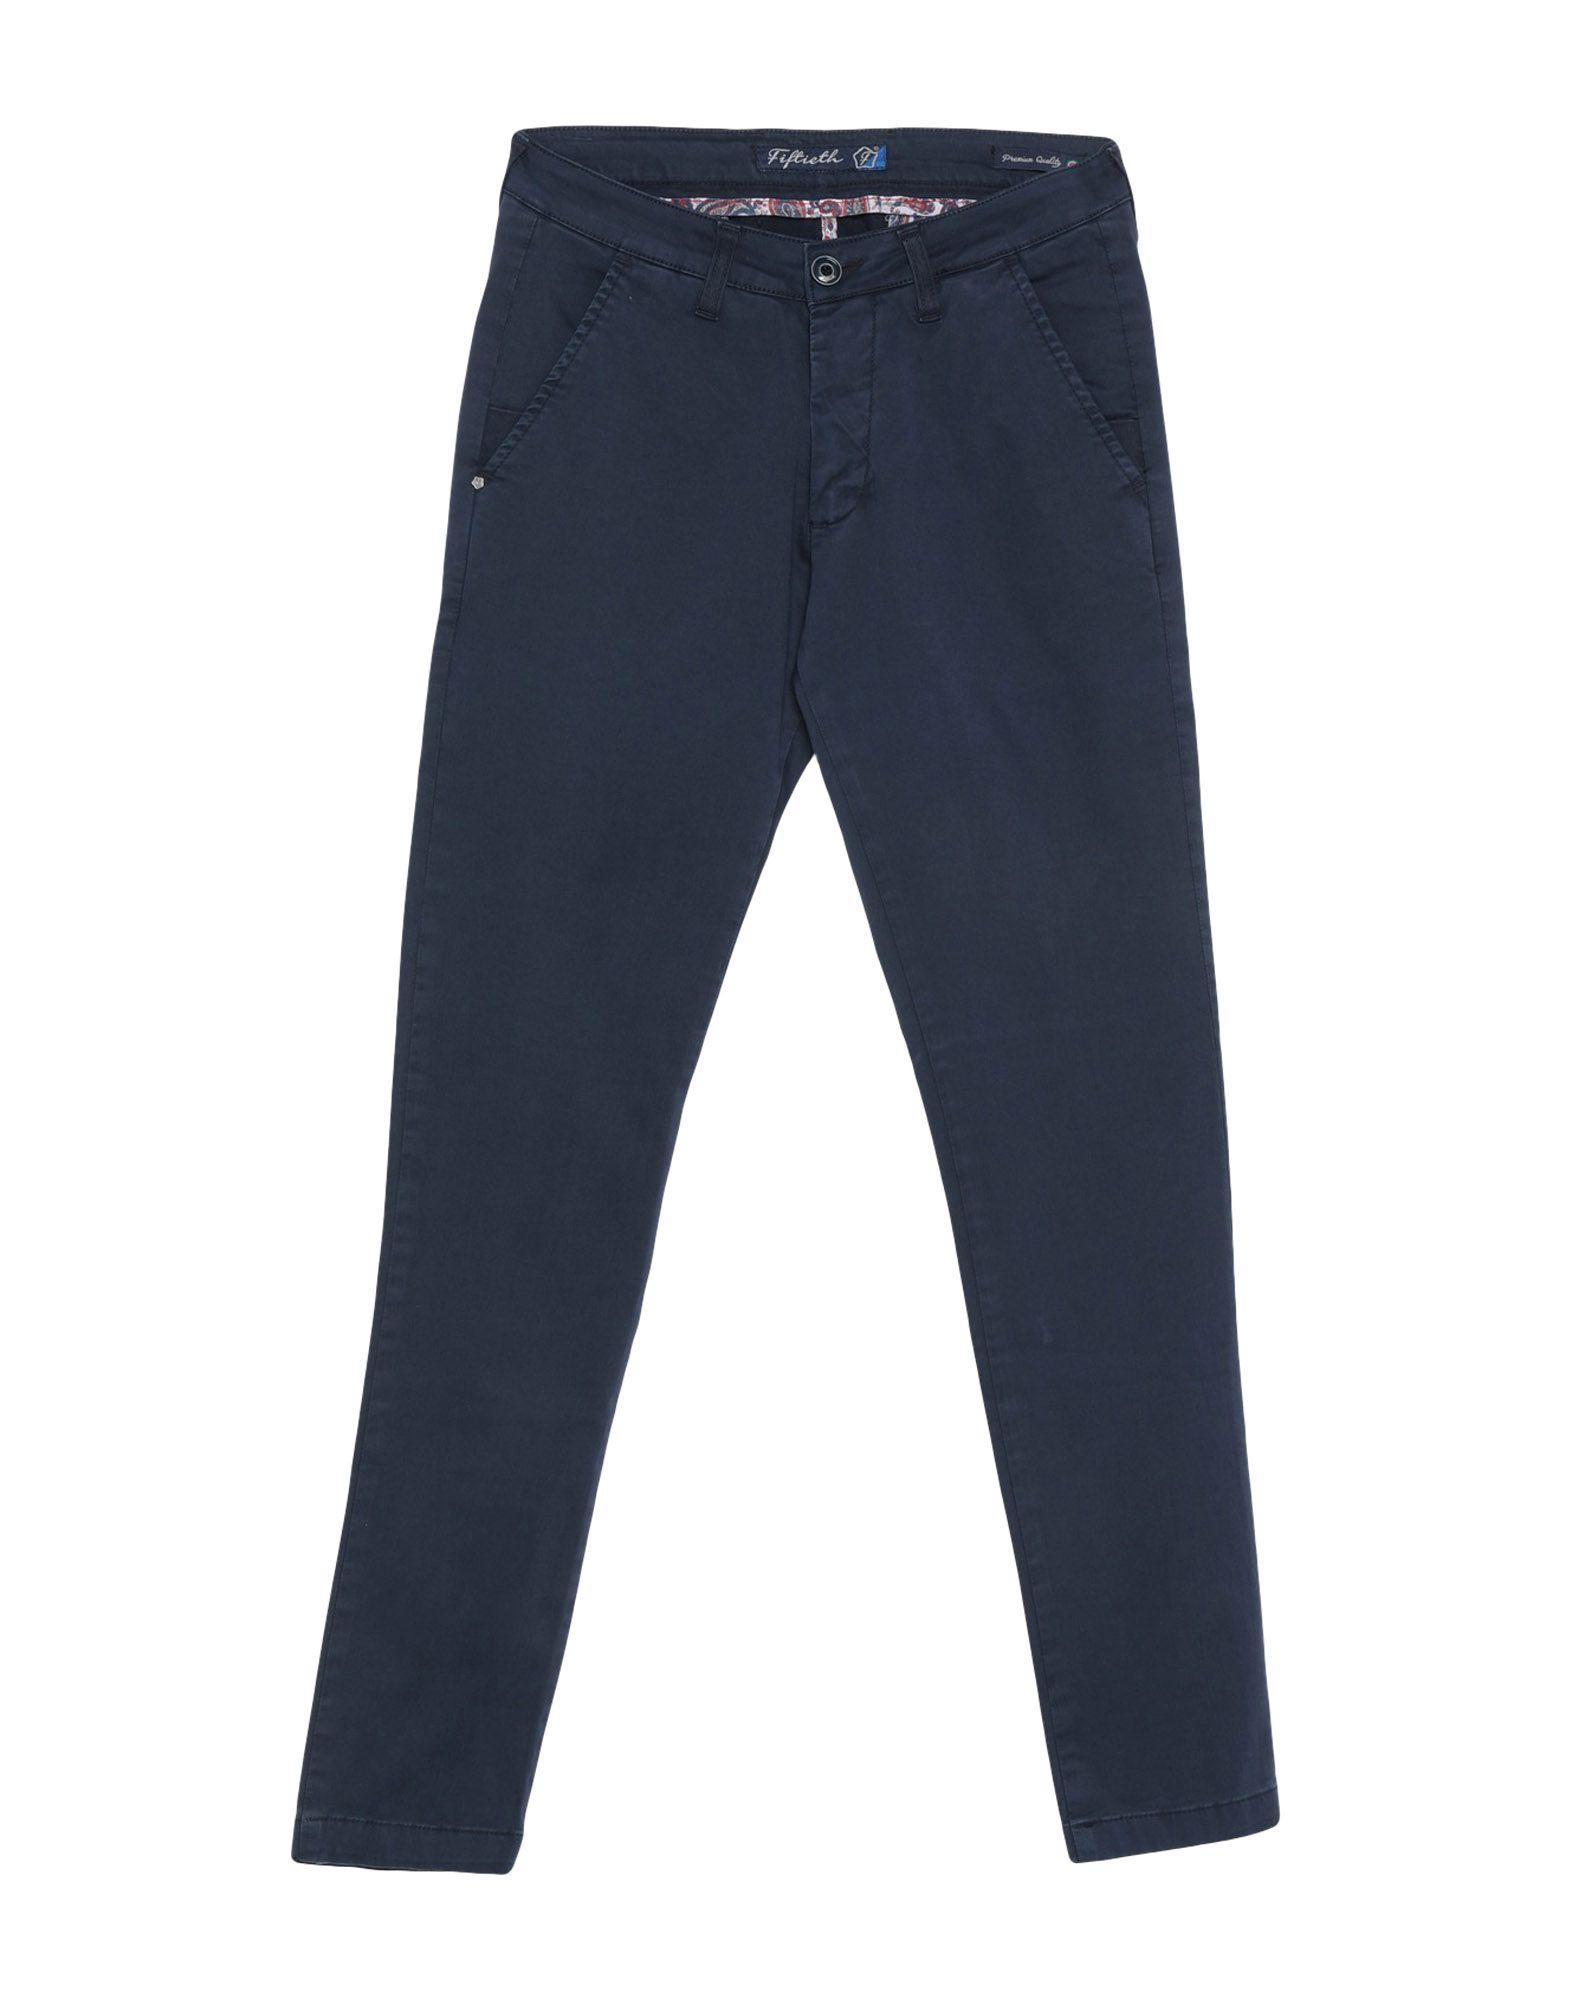 《期間限定セール開催中!》FIFTIETH メンズ パンツ ダークブルー 28 コットン 97% / ポリウレタン 3%